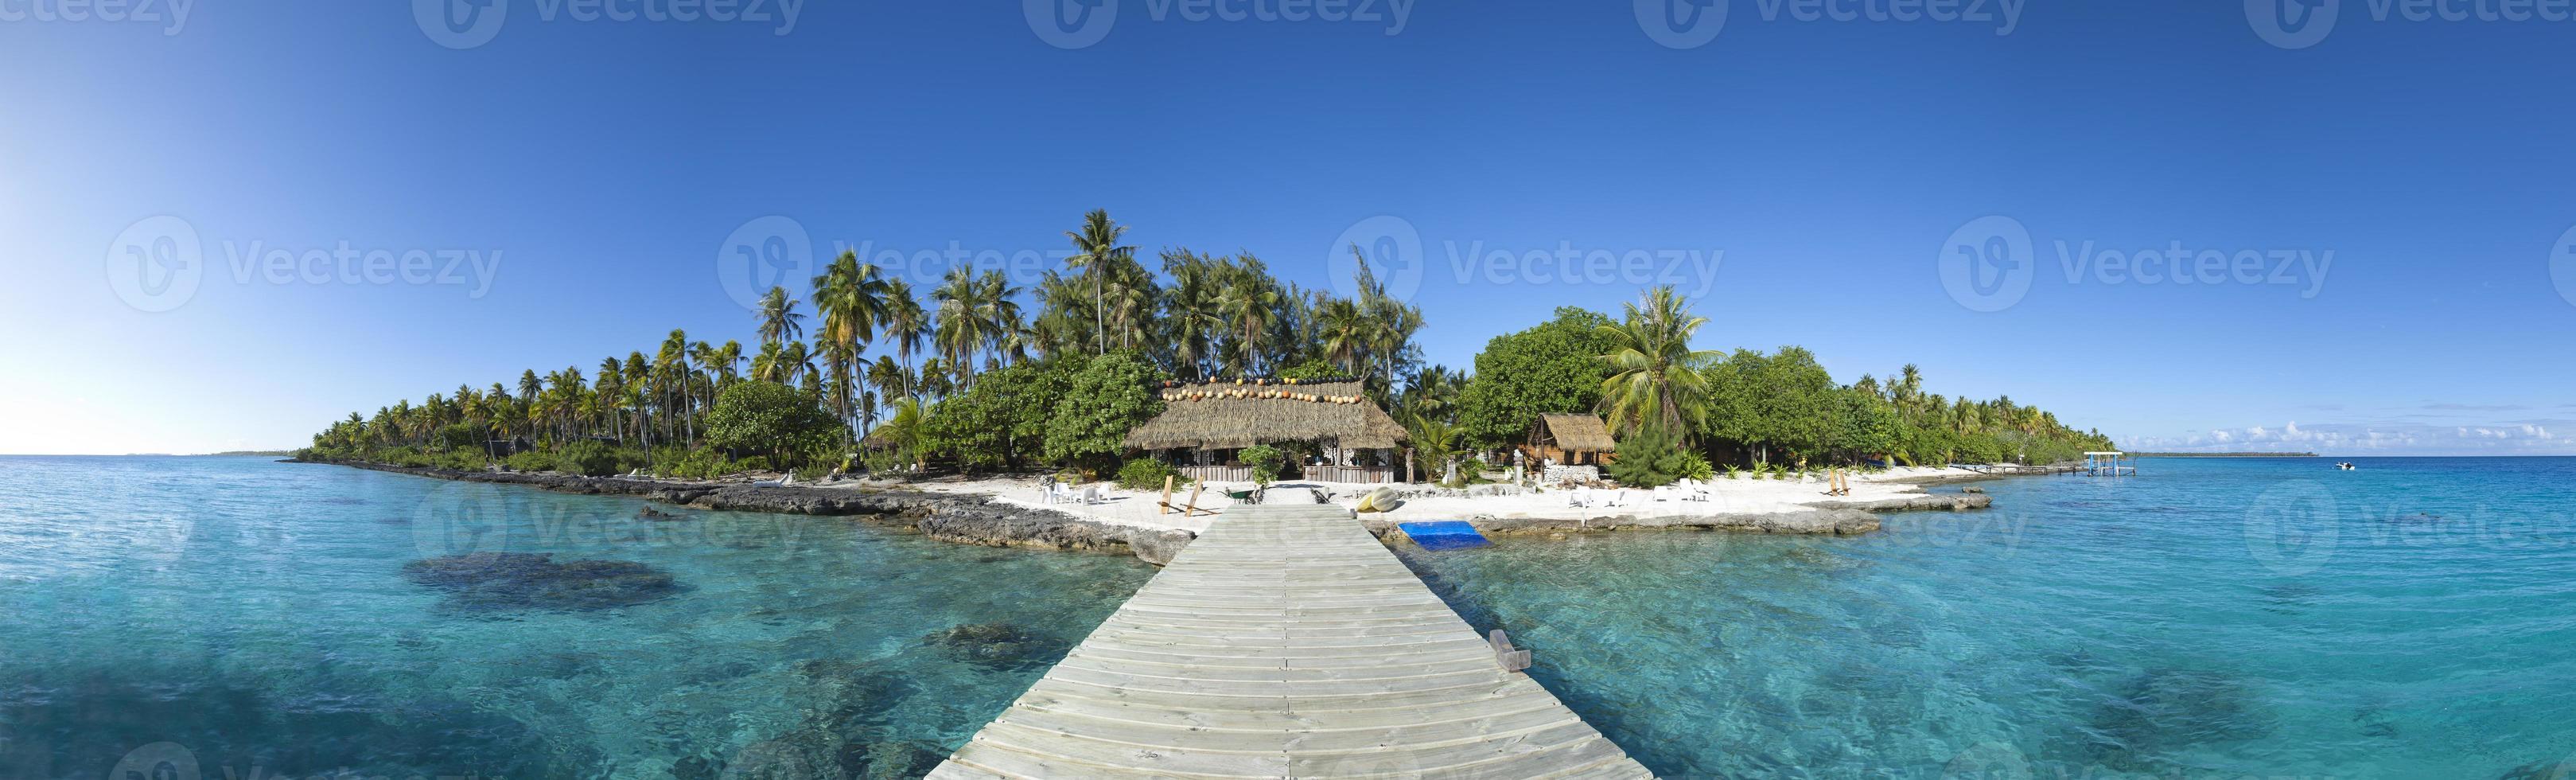 vista panorámica de la isla paradisíaca foto